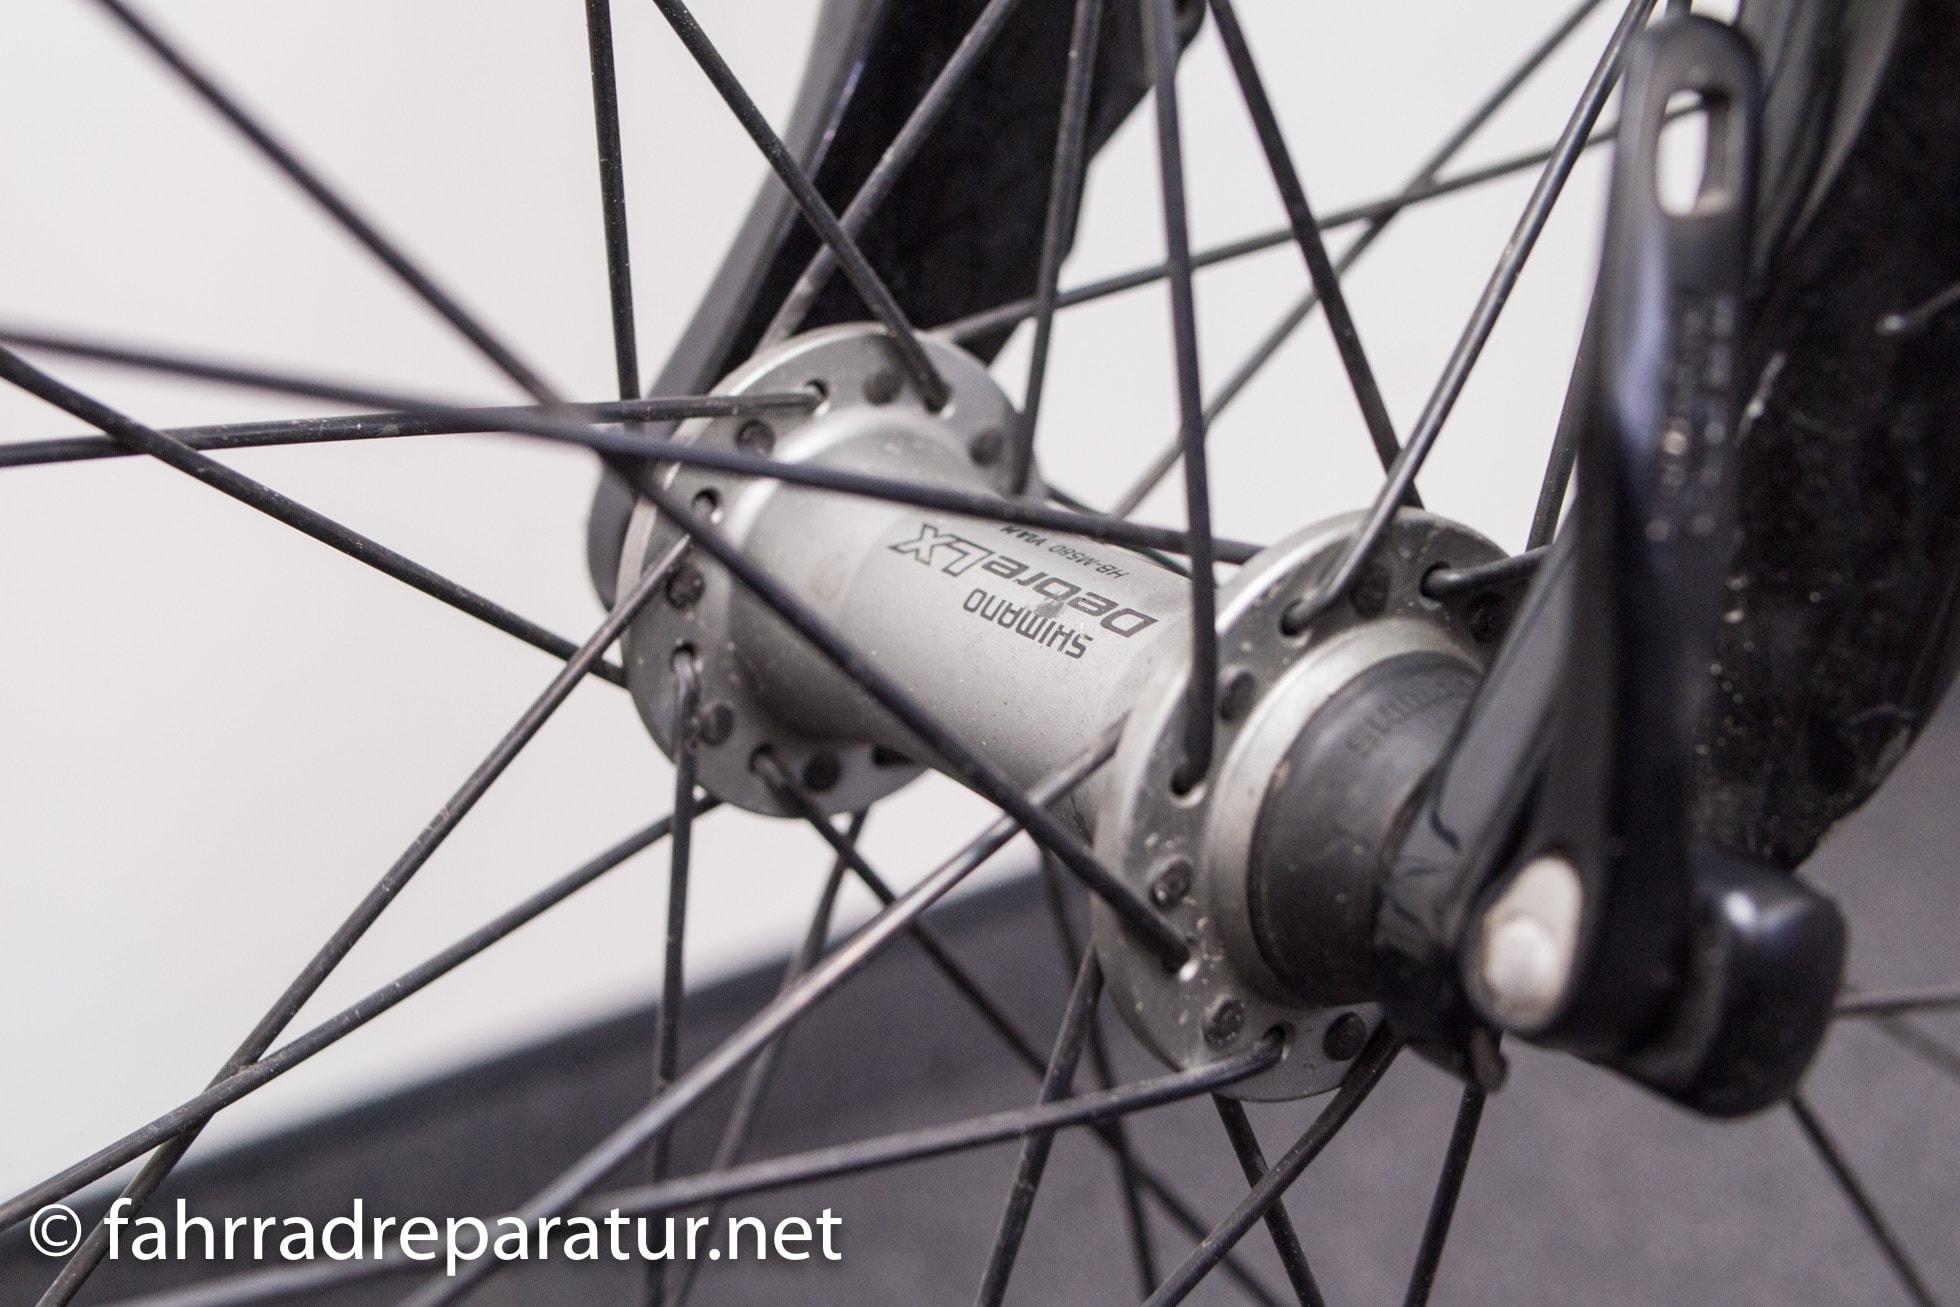 Freilaufkörper Rutscht Auf Naben Durch Fahrradreparaturnet